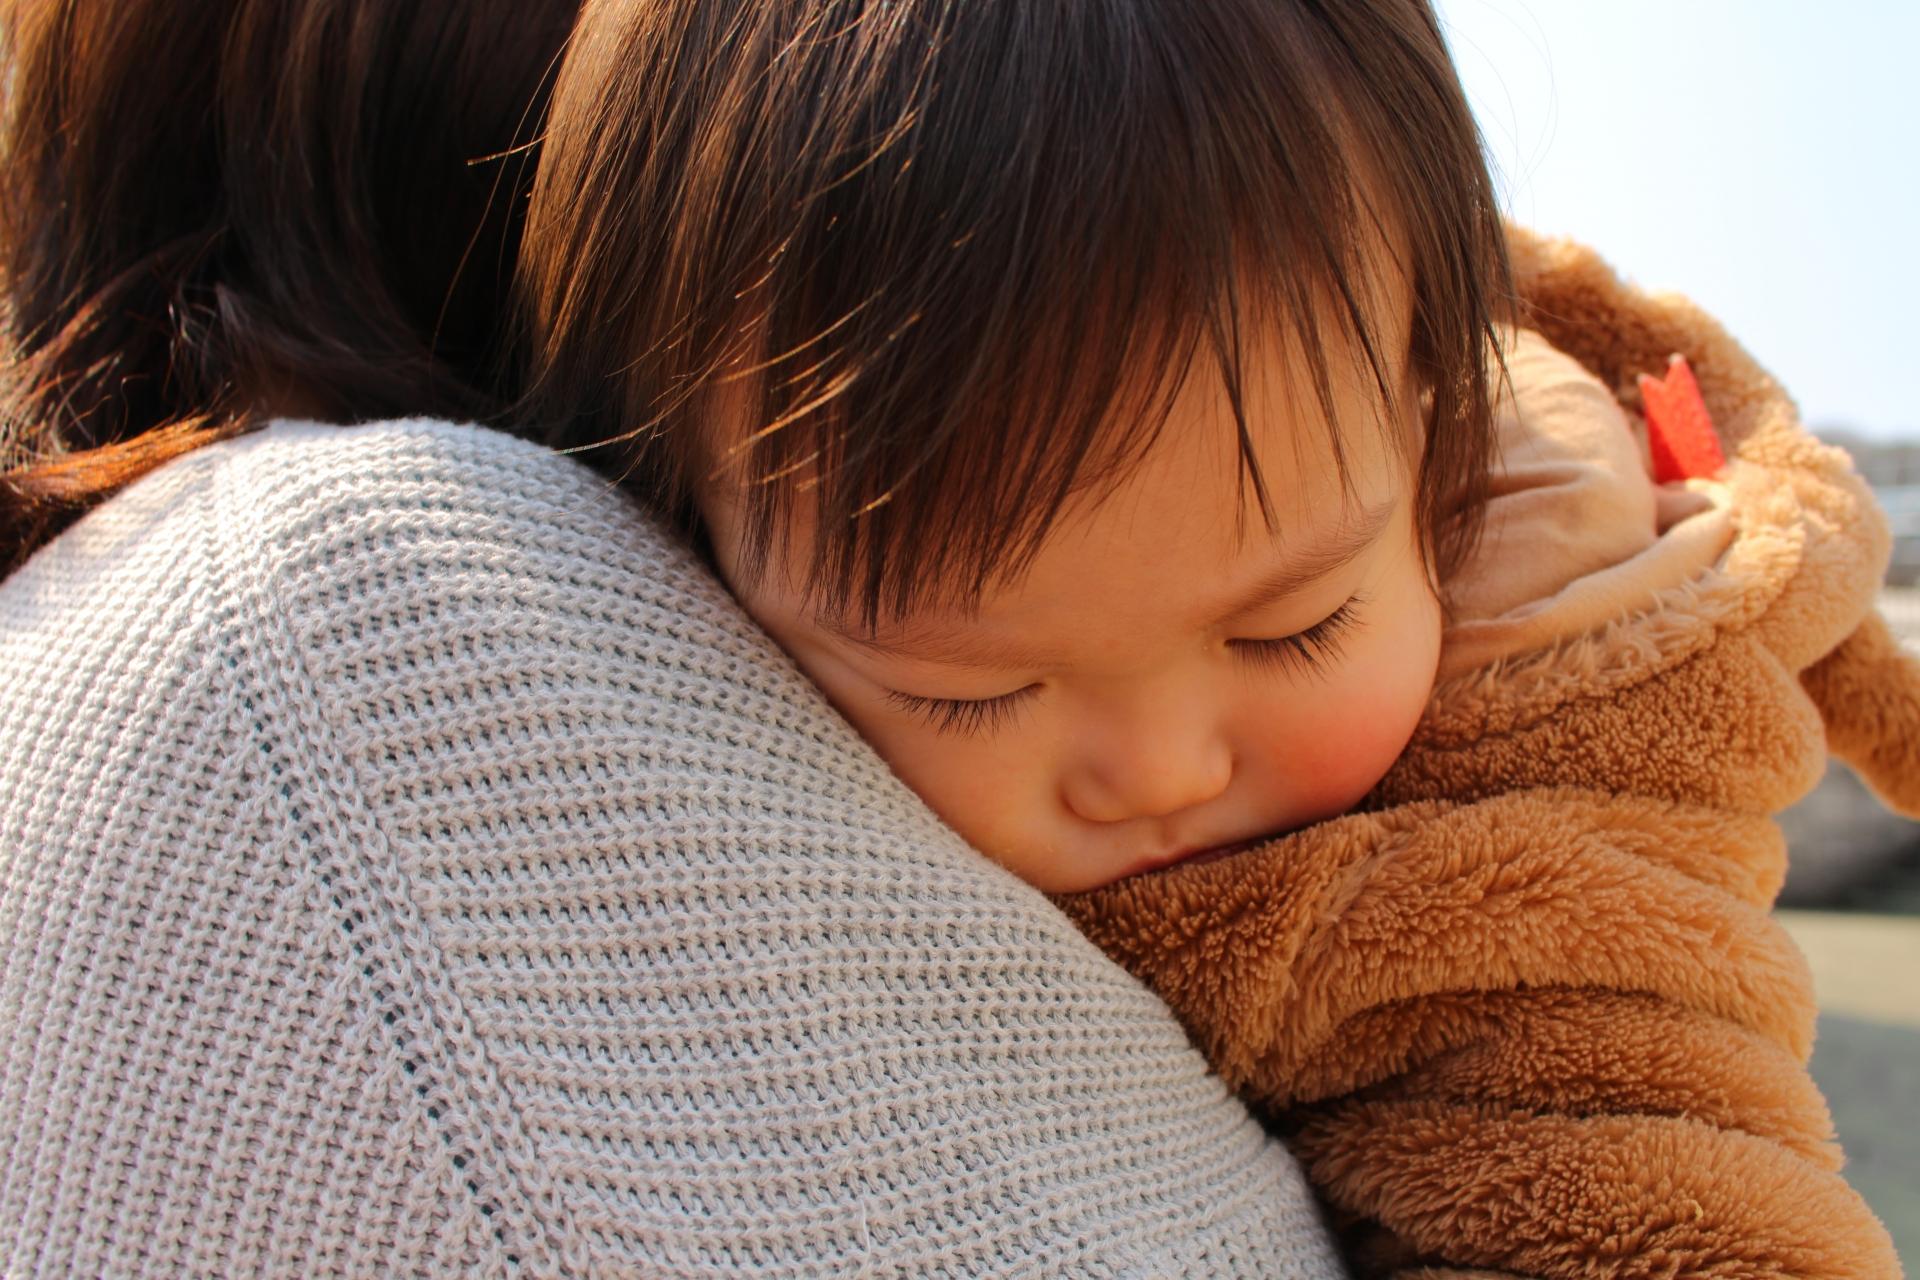 痛いところをピンポイントで治してくれるような気がしました。子供を預かってくれるので助かりました。 佐藤絵里香さん